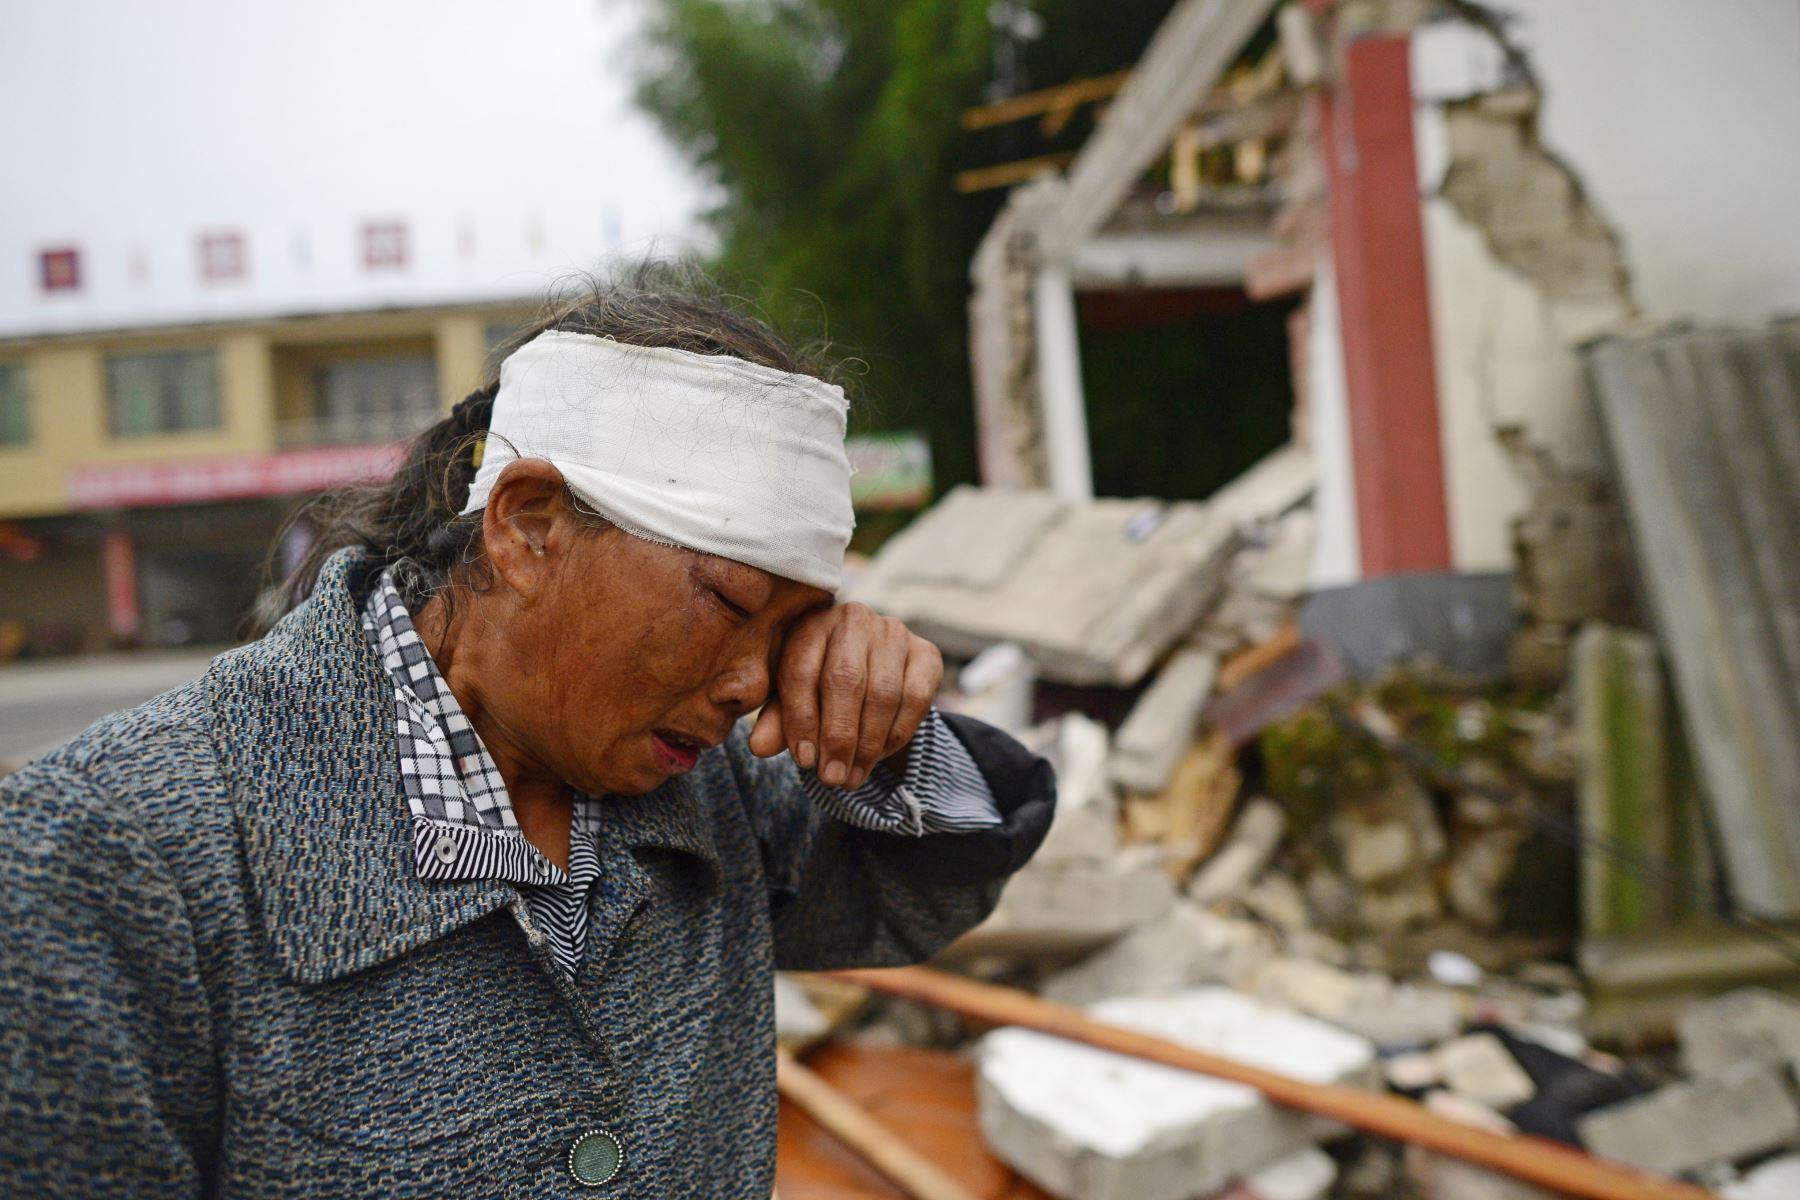 El fuerte terremoto de magnitud 6.0 en el sudoeste de China se elevó a 12 muertos y 134 heridos. Foto: AFP